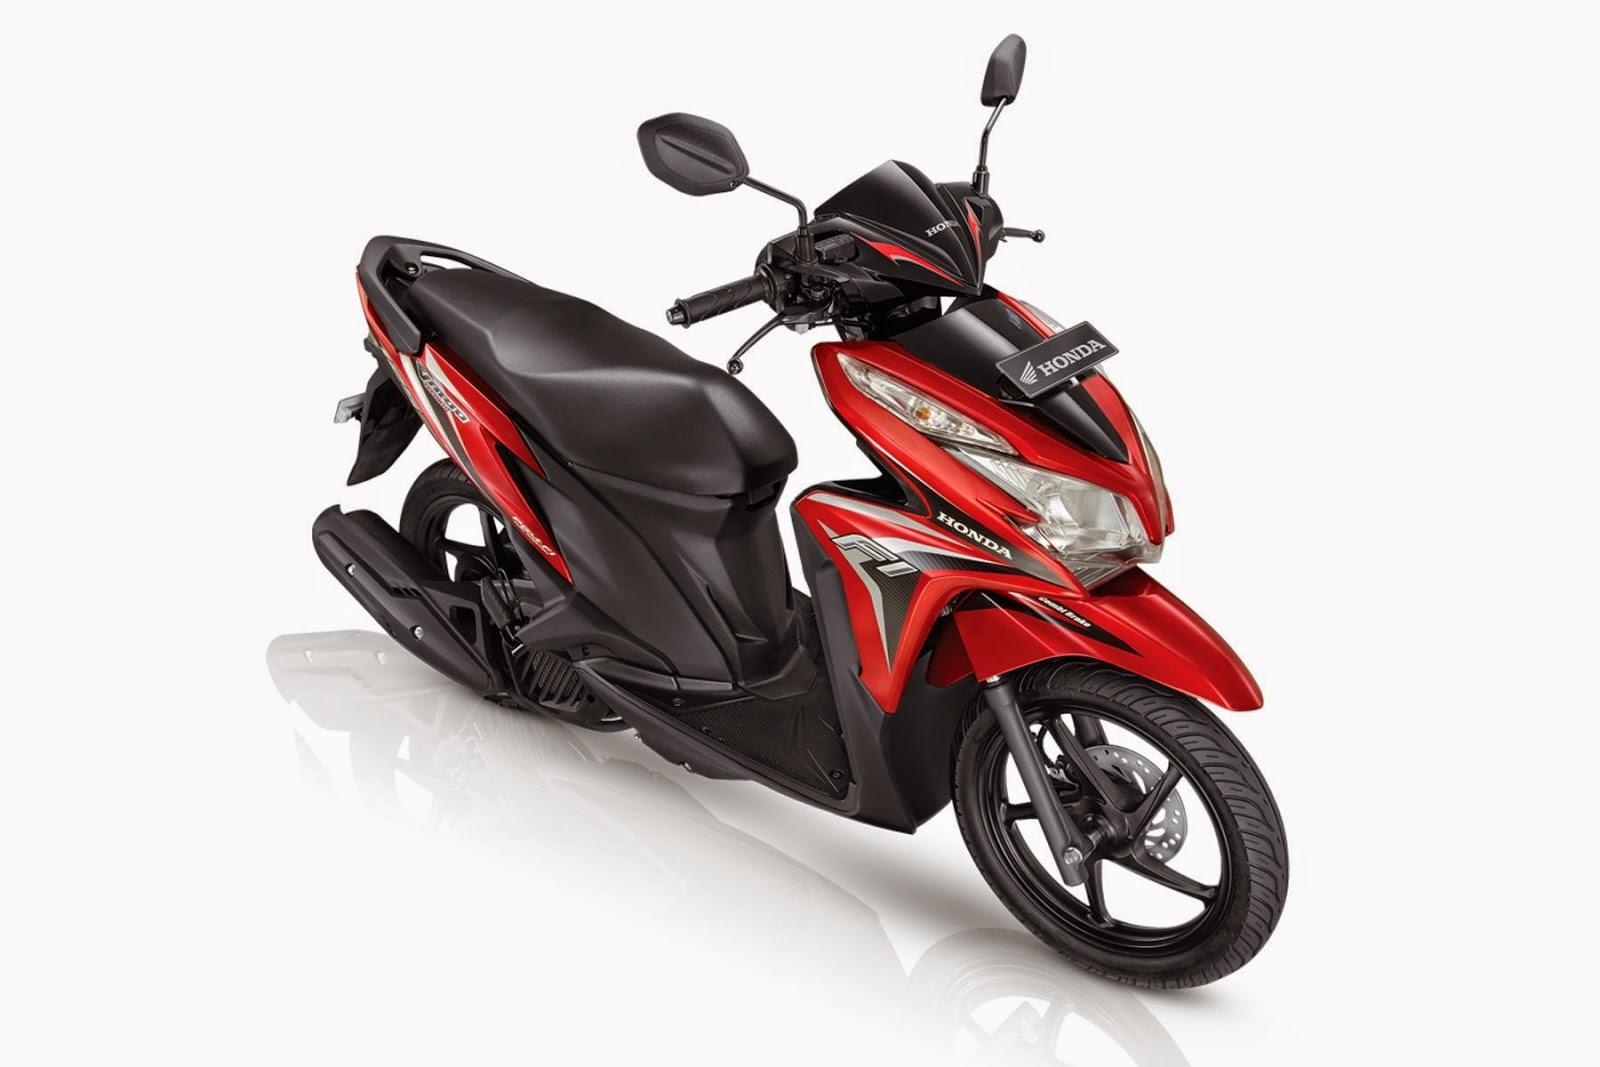 Daftar Harga Motor Honda Vario Cbs 125 Cash Kredit Terbaru 2018